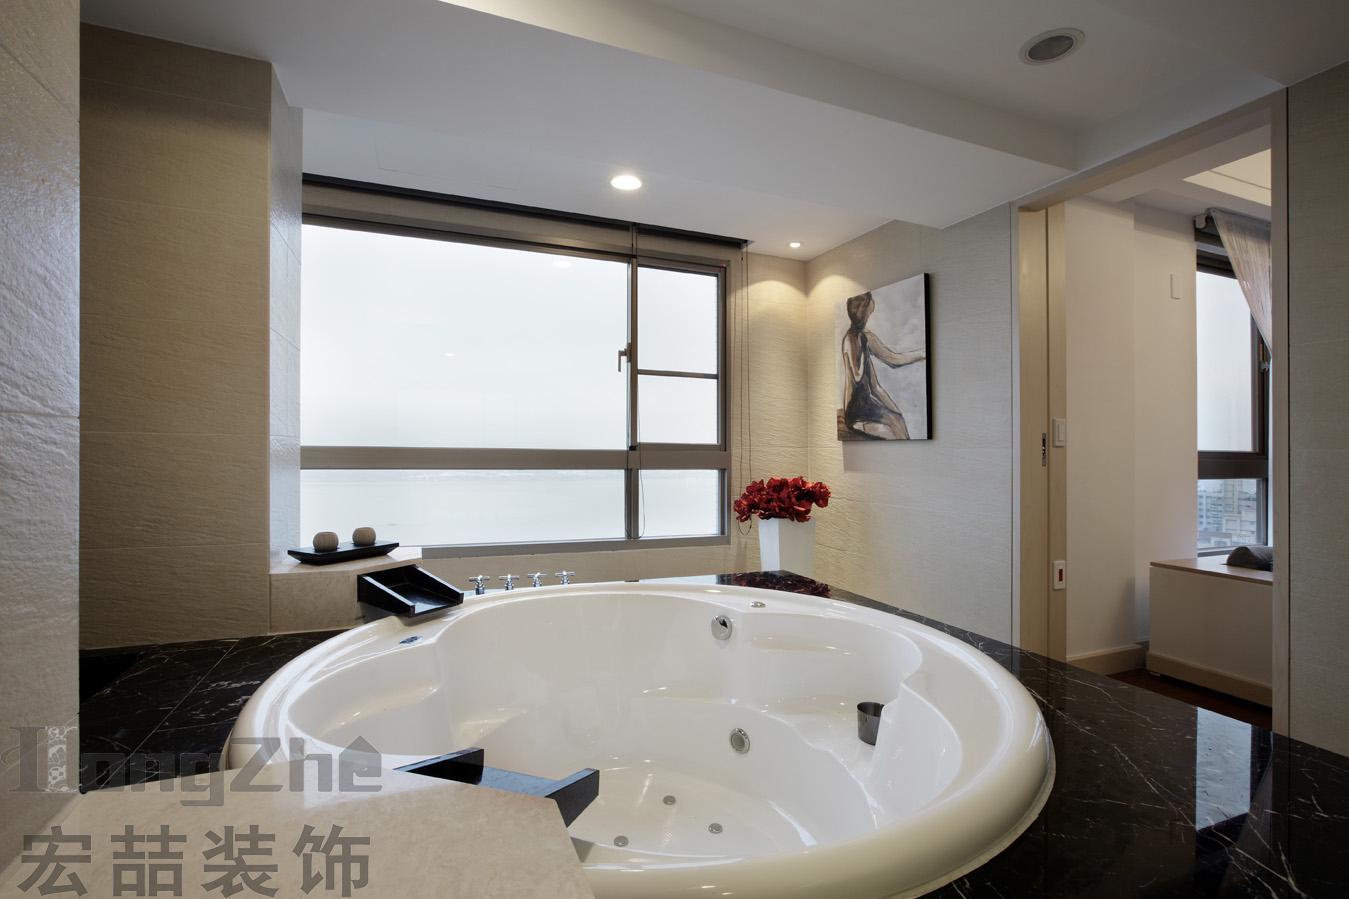 家用圆形嵌入式浴缸图片